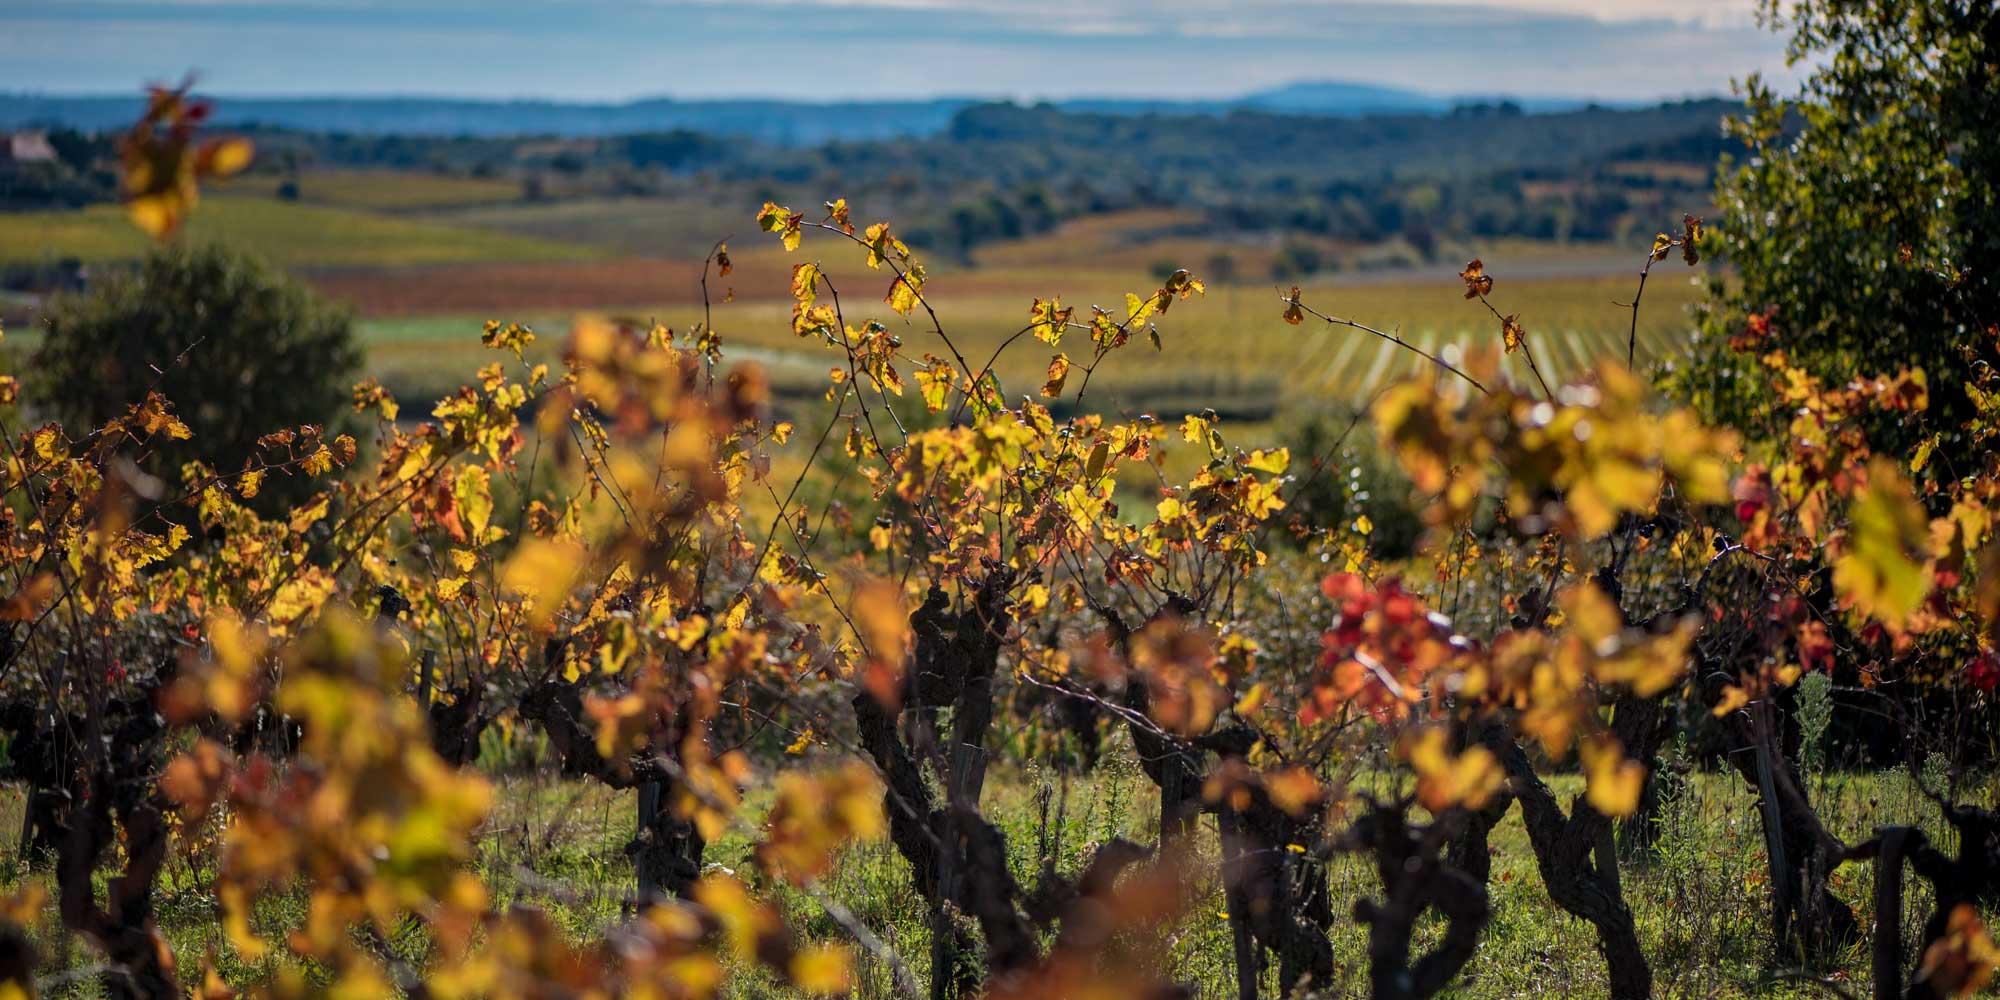 vigne-automne-pezenas-basalte